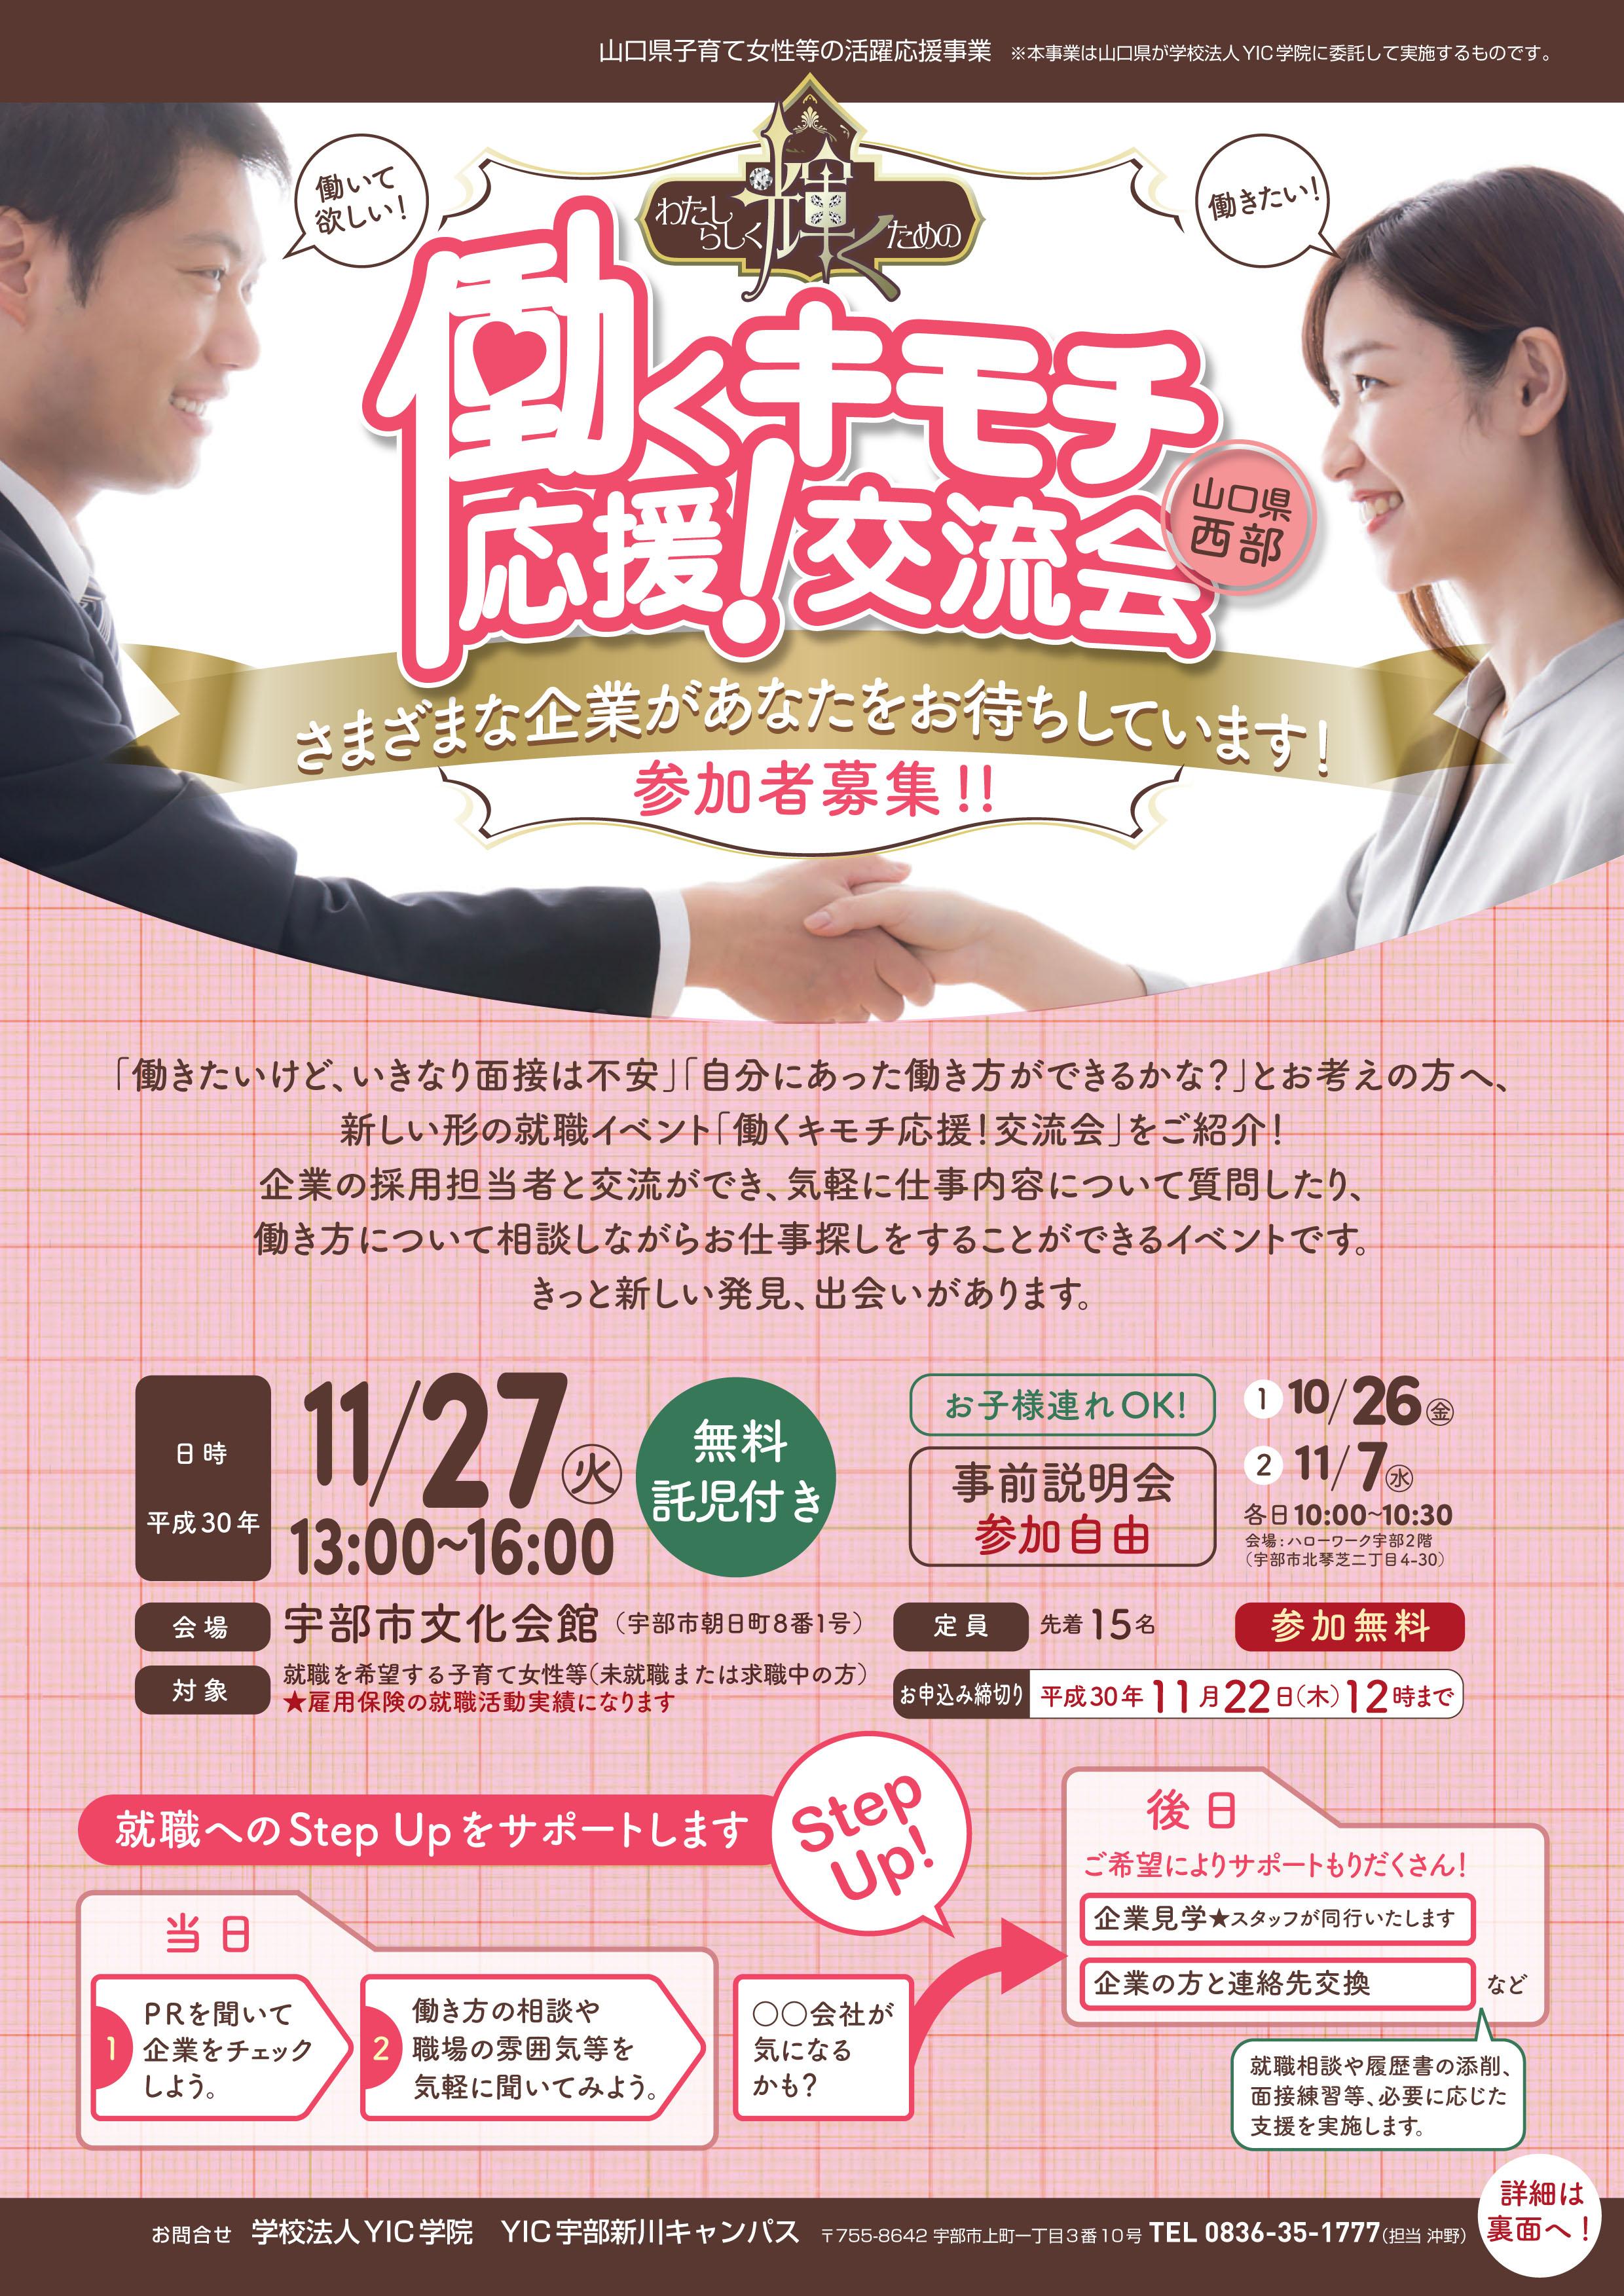 (終了しました)【山口県西部】就職イベント「働くキモチ応援!交流会」を開催します